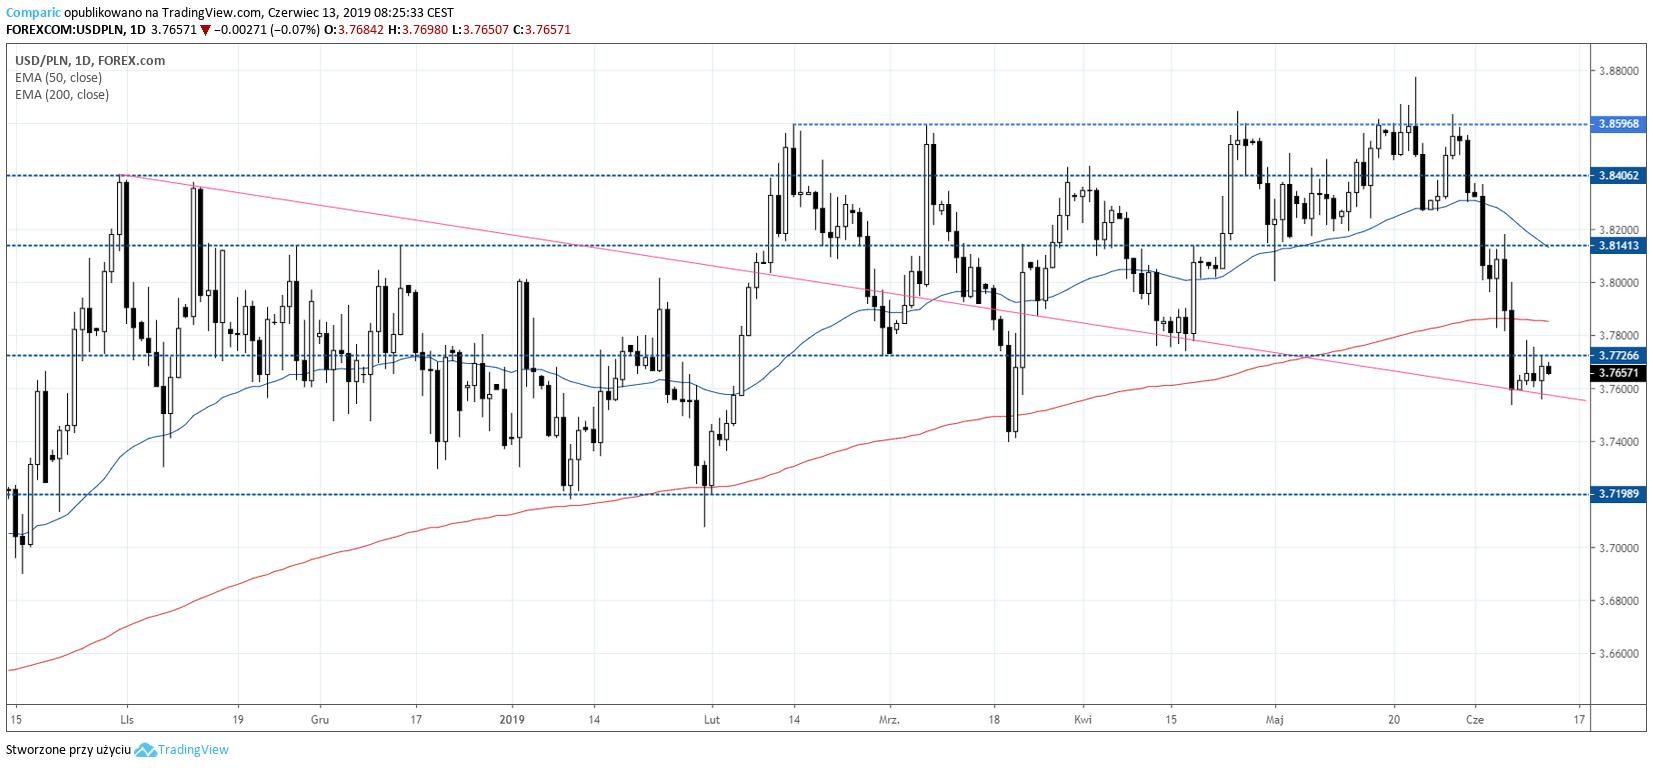 kurs dolara USDPLN 13 czerwca 2019